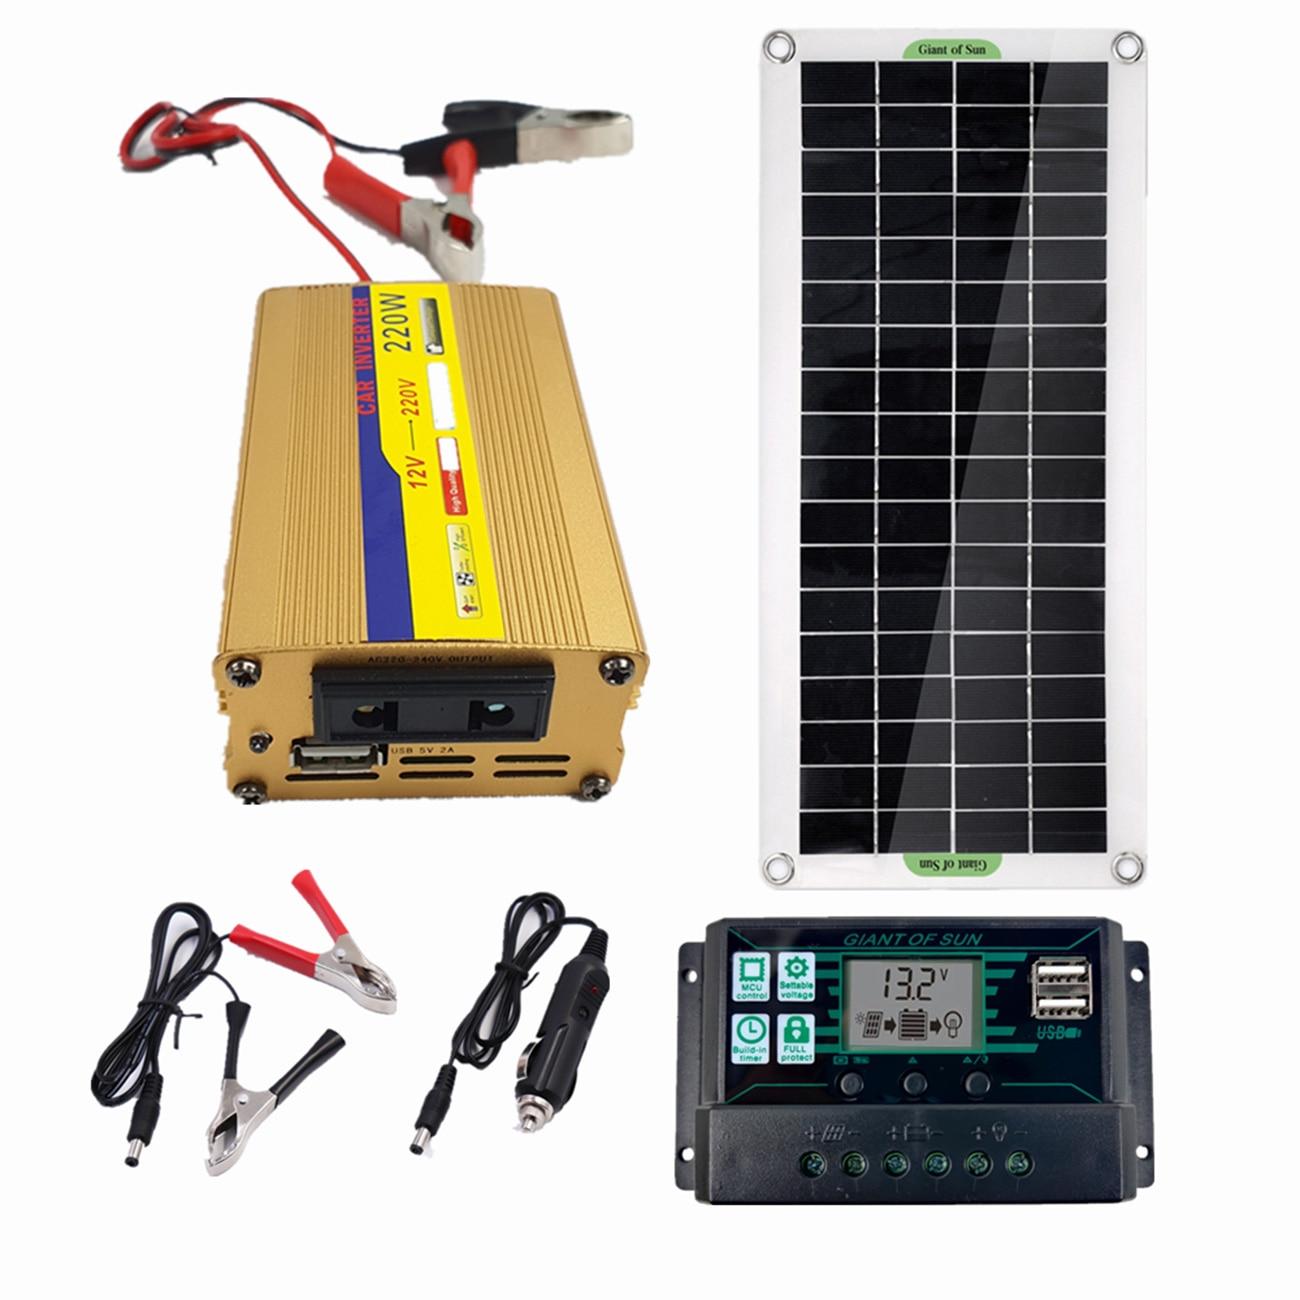 220 فولت 30 واط لوحة طاقة شمسية + 220 واط العاكس + 60A MPPT تحكم نظام الطاقة الشمسية USB لشحن الطاقة